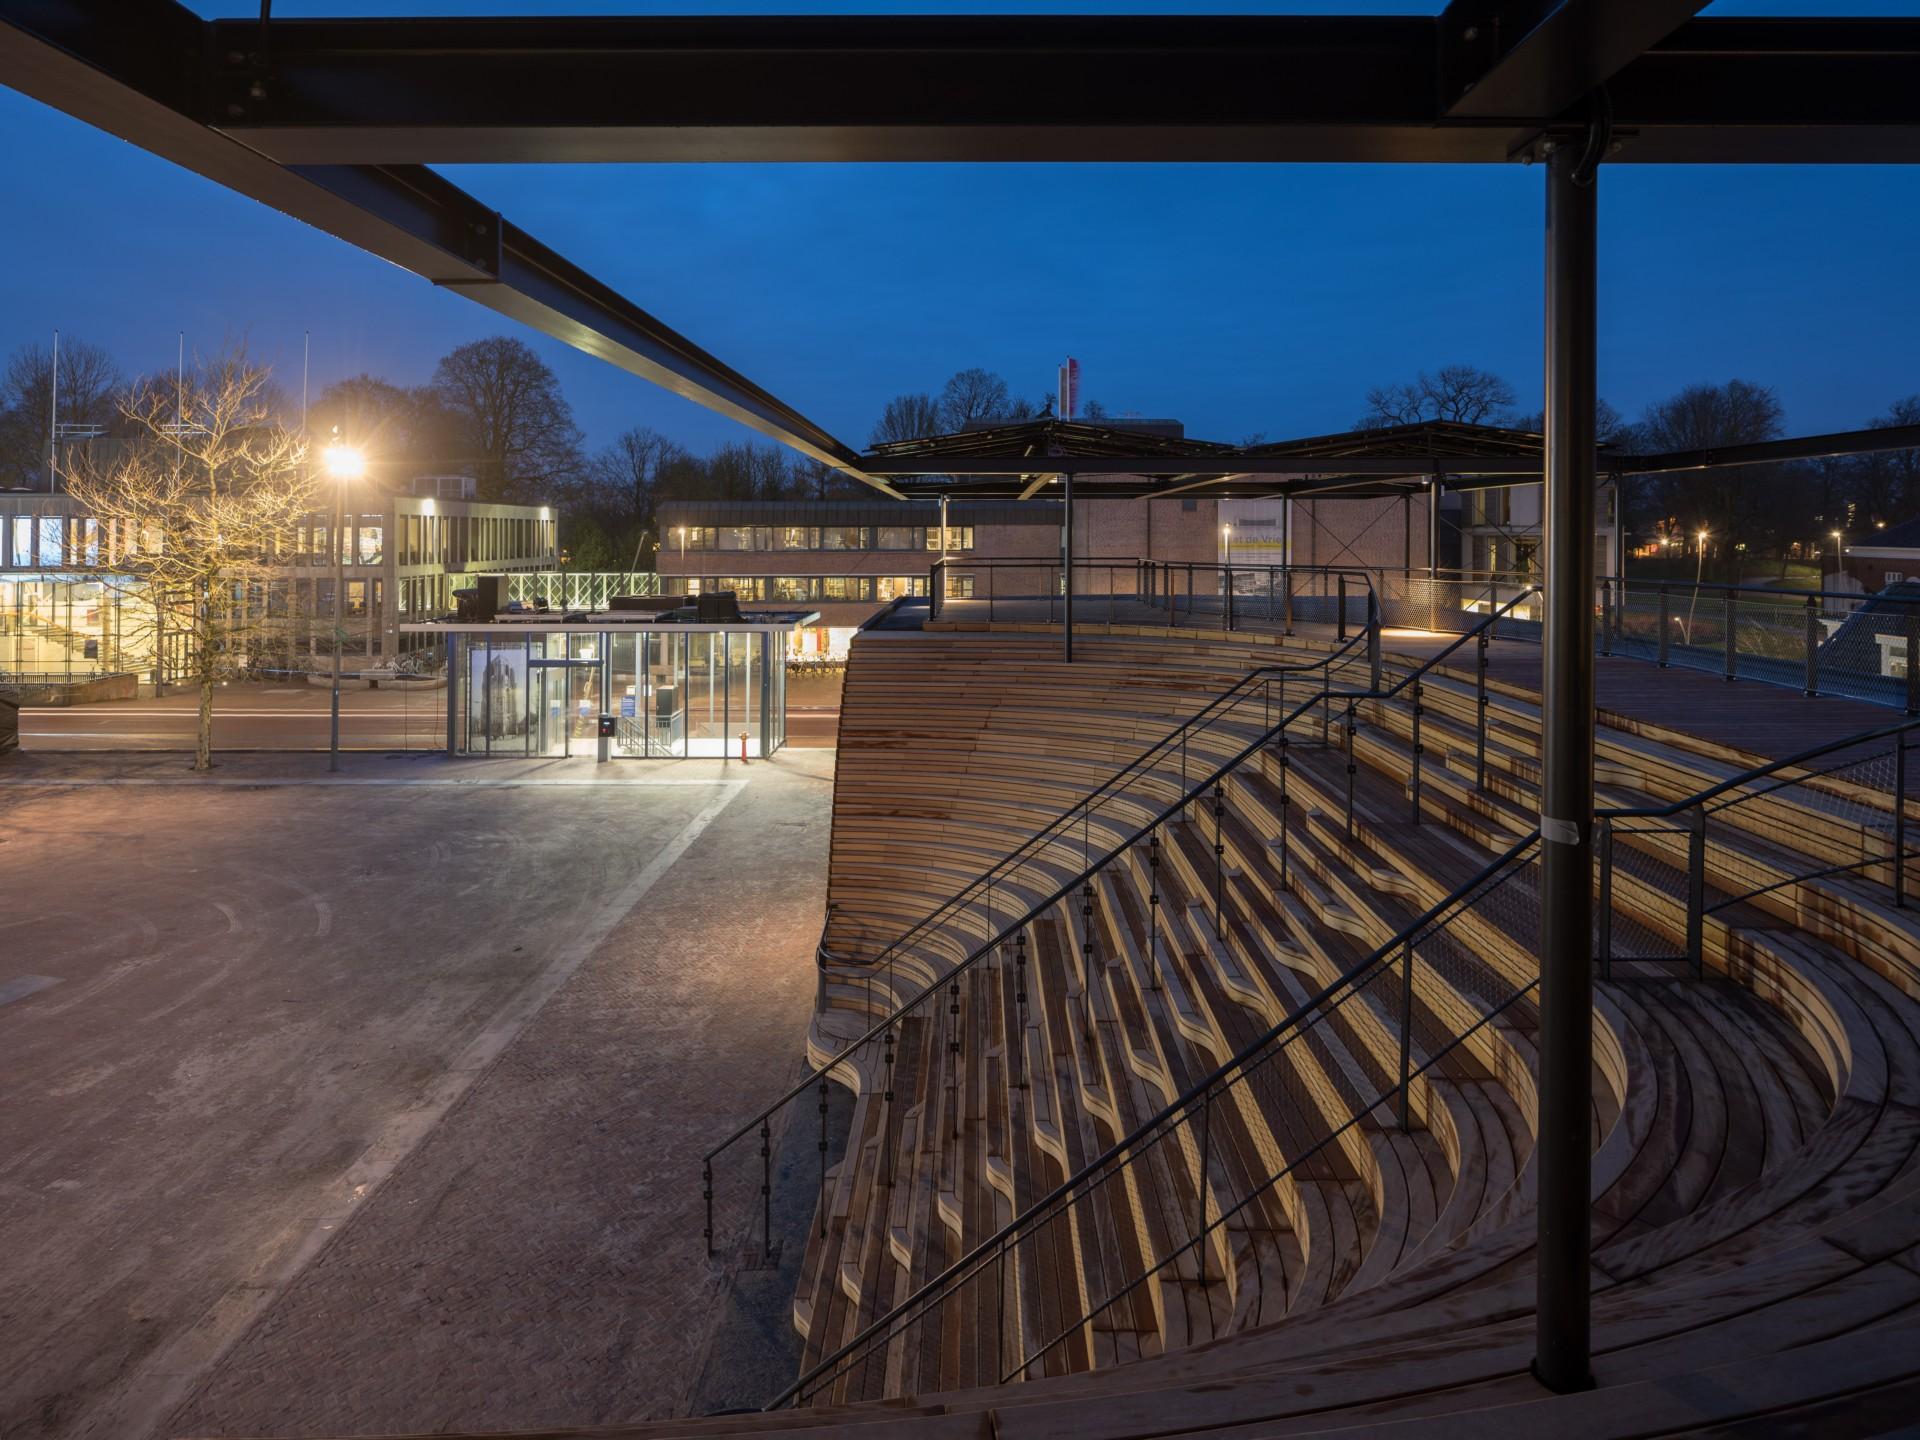 Powerhouse Company Obe-Pavillon bei Leeuwarden Europäische Kulturhauptstadt 2018